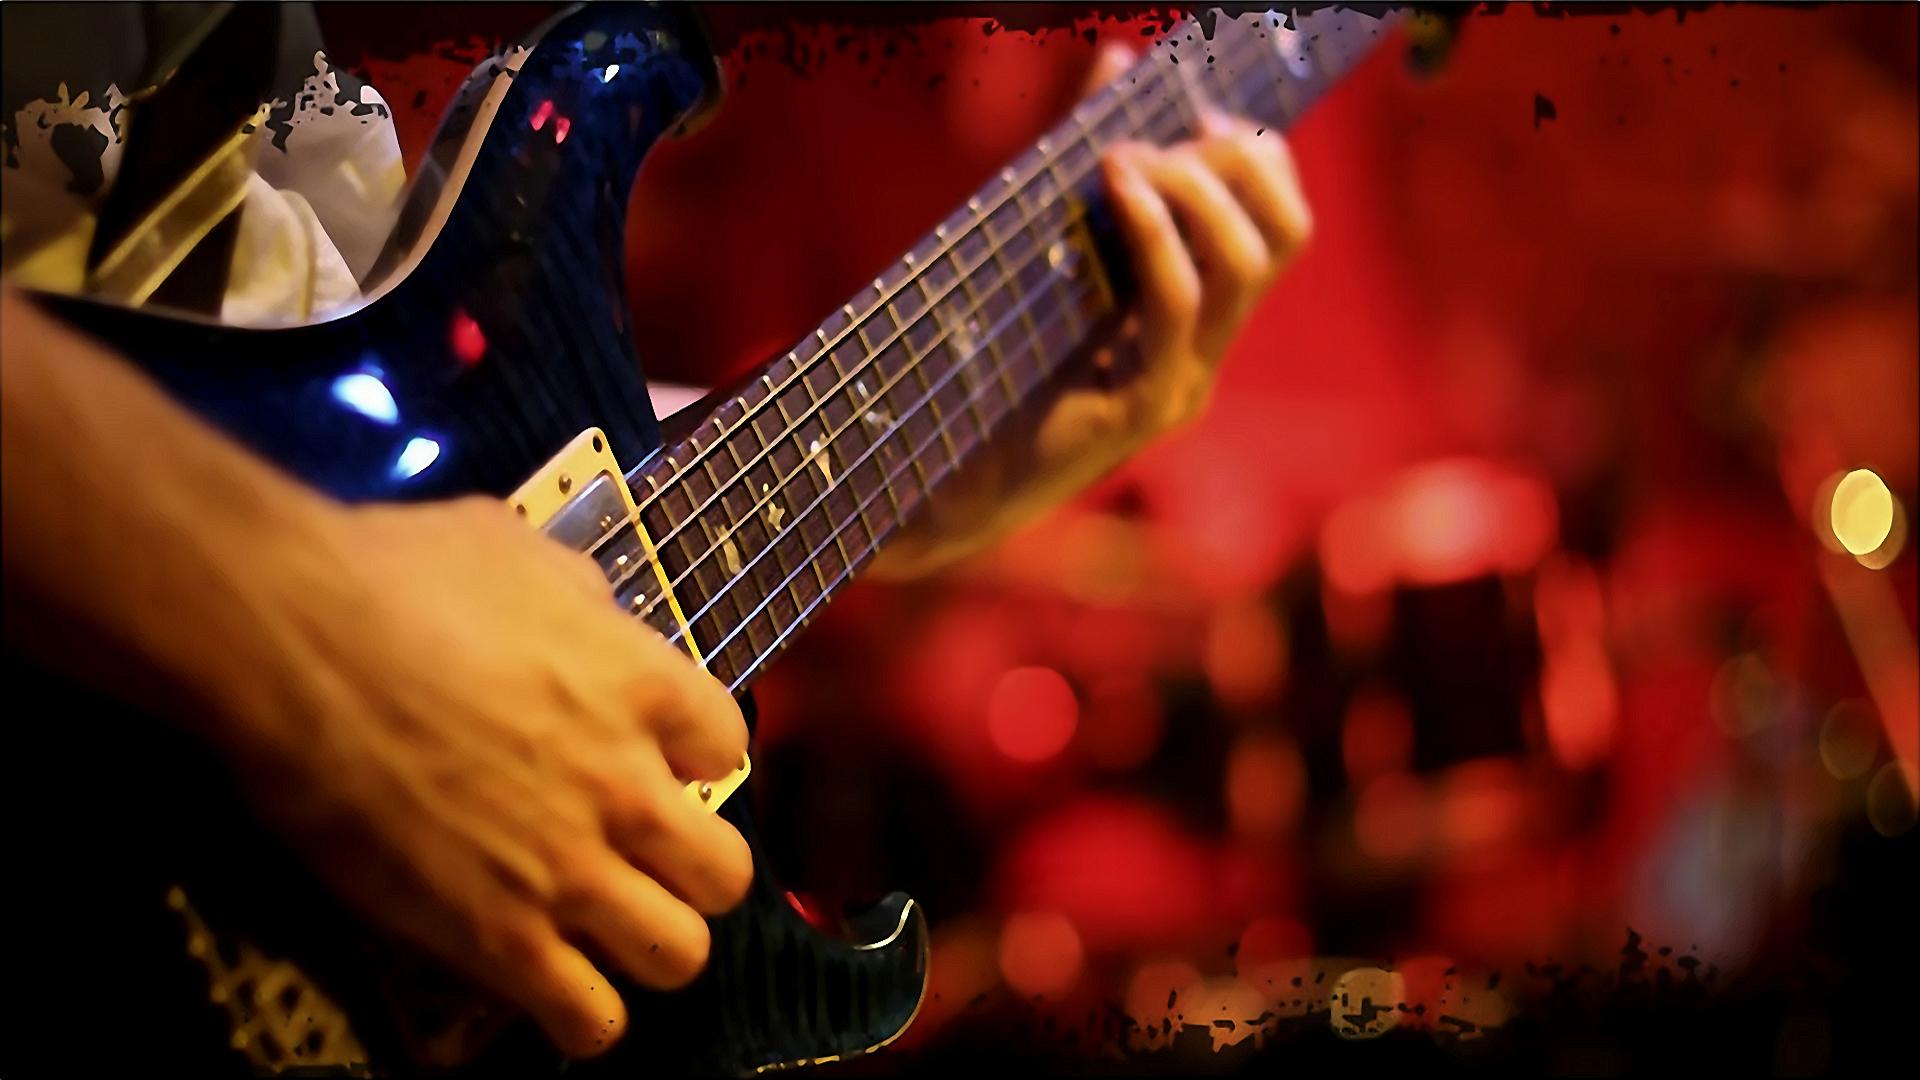 Una guitarra en un musico - 1920x1080